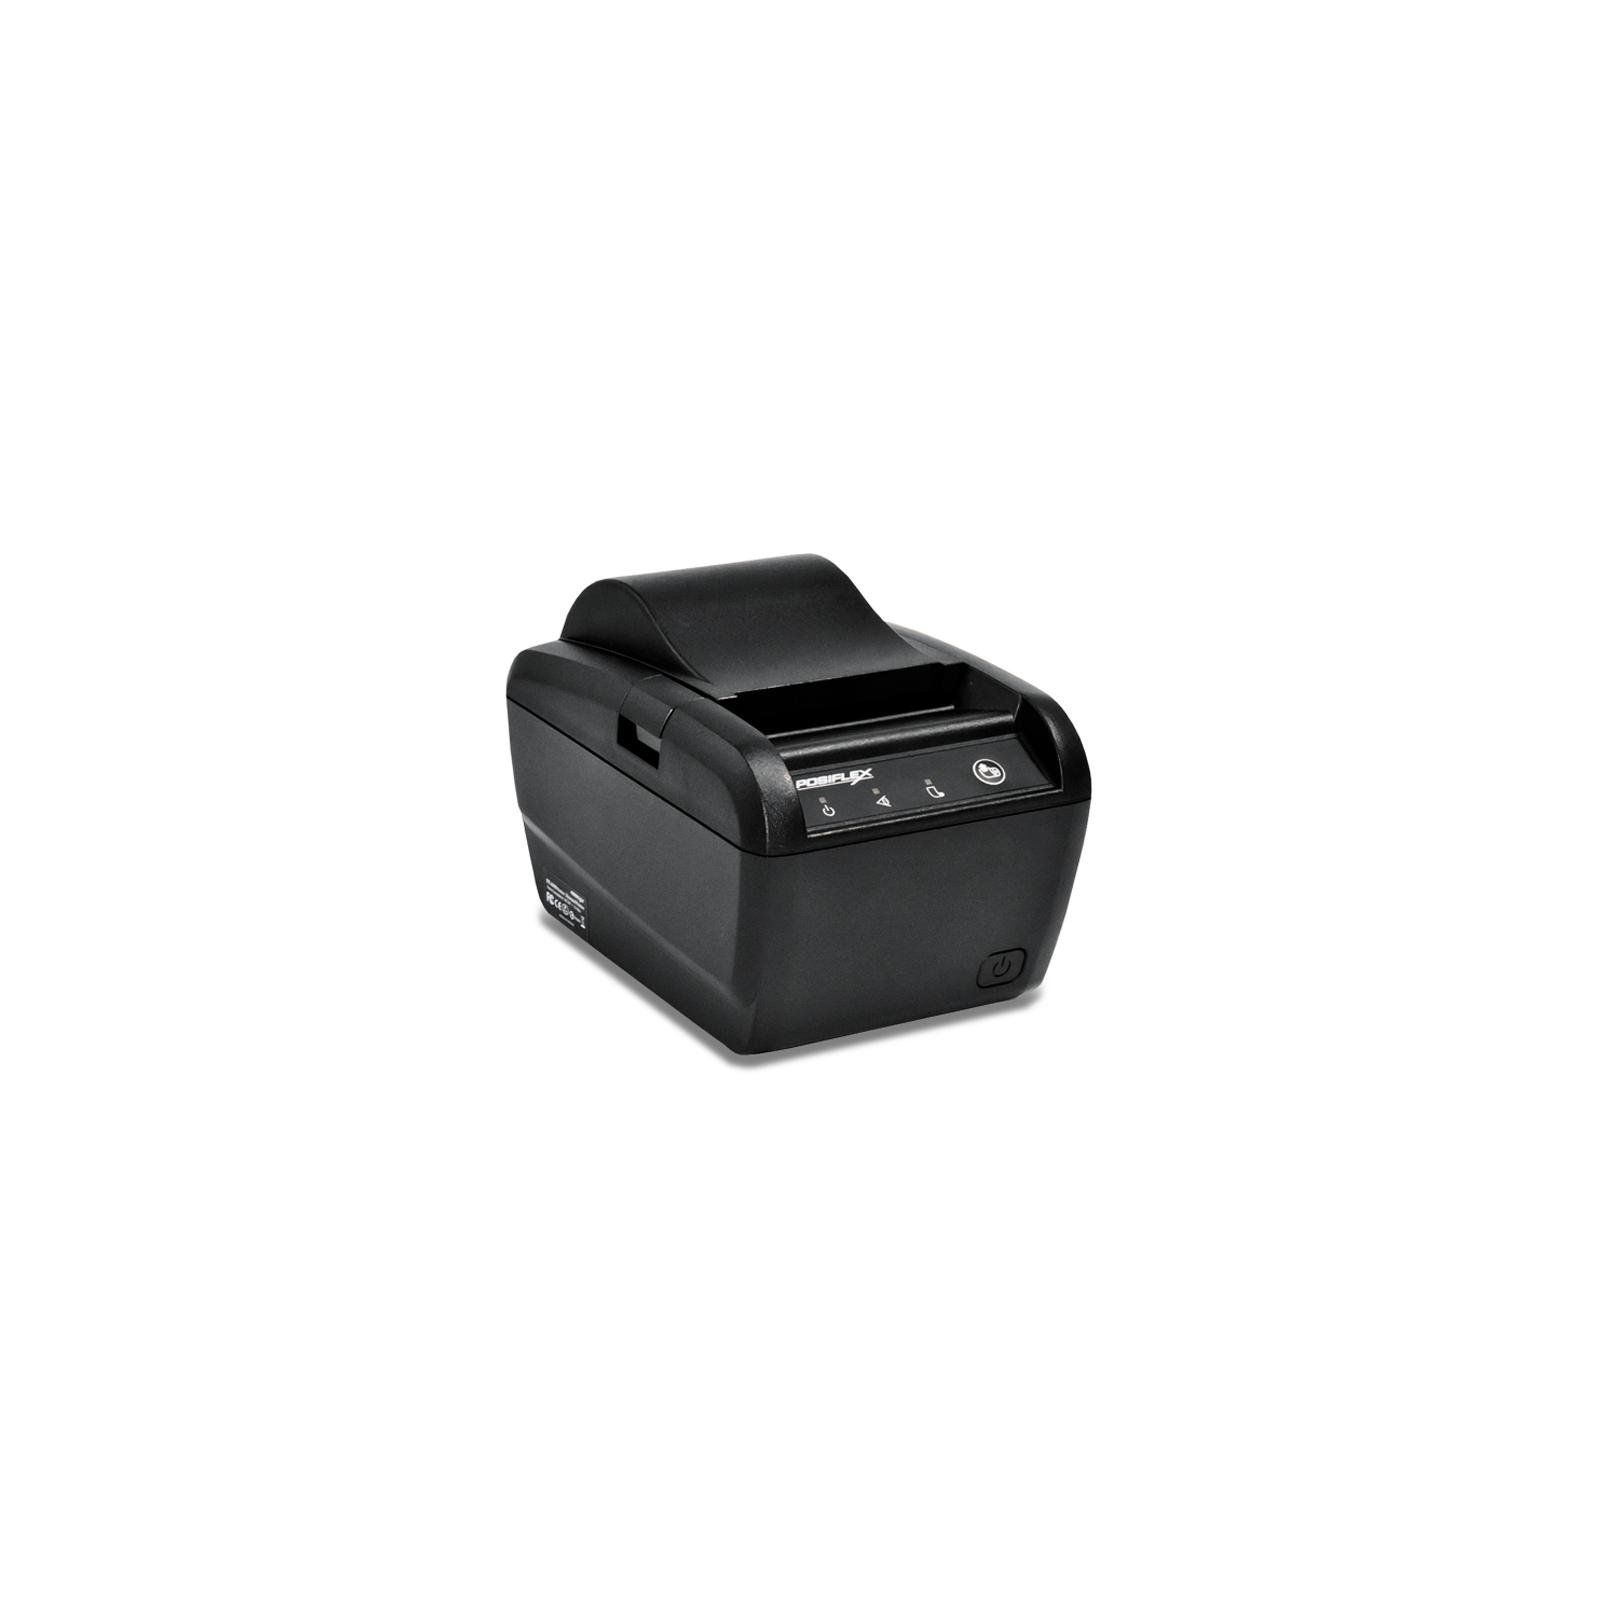 Принтер чеков Posiflex Aura-6900U USB (40862) изображение 2